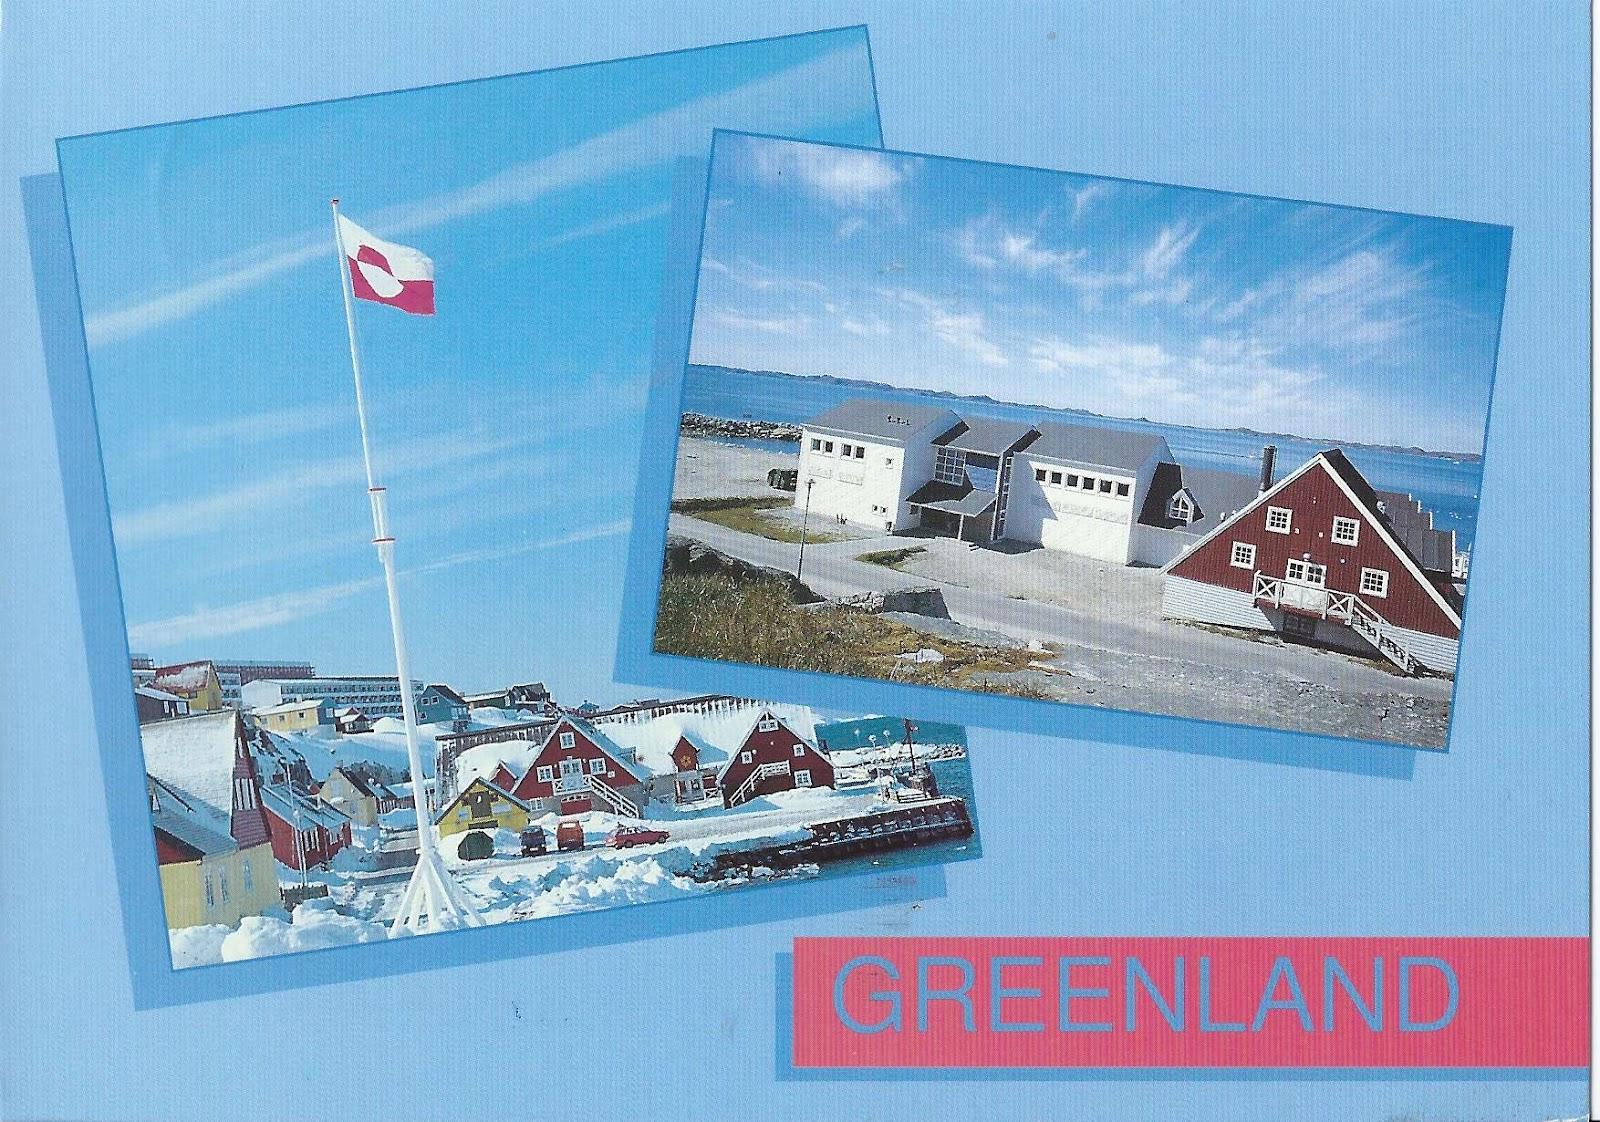 Pošalji mi razglednicu, neću SMS, po azbuci - Page 7 Greenland1